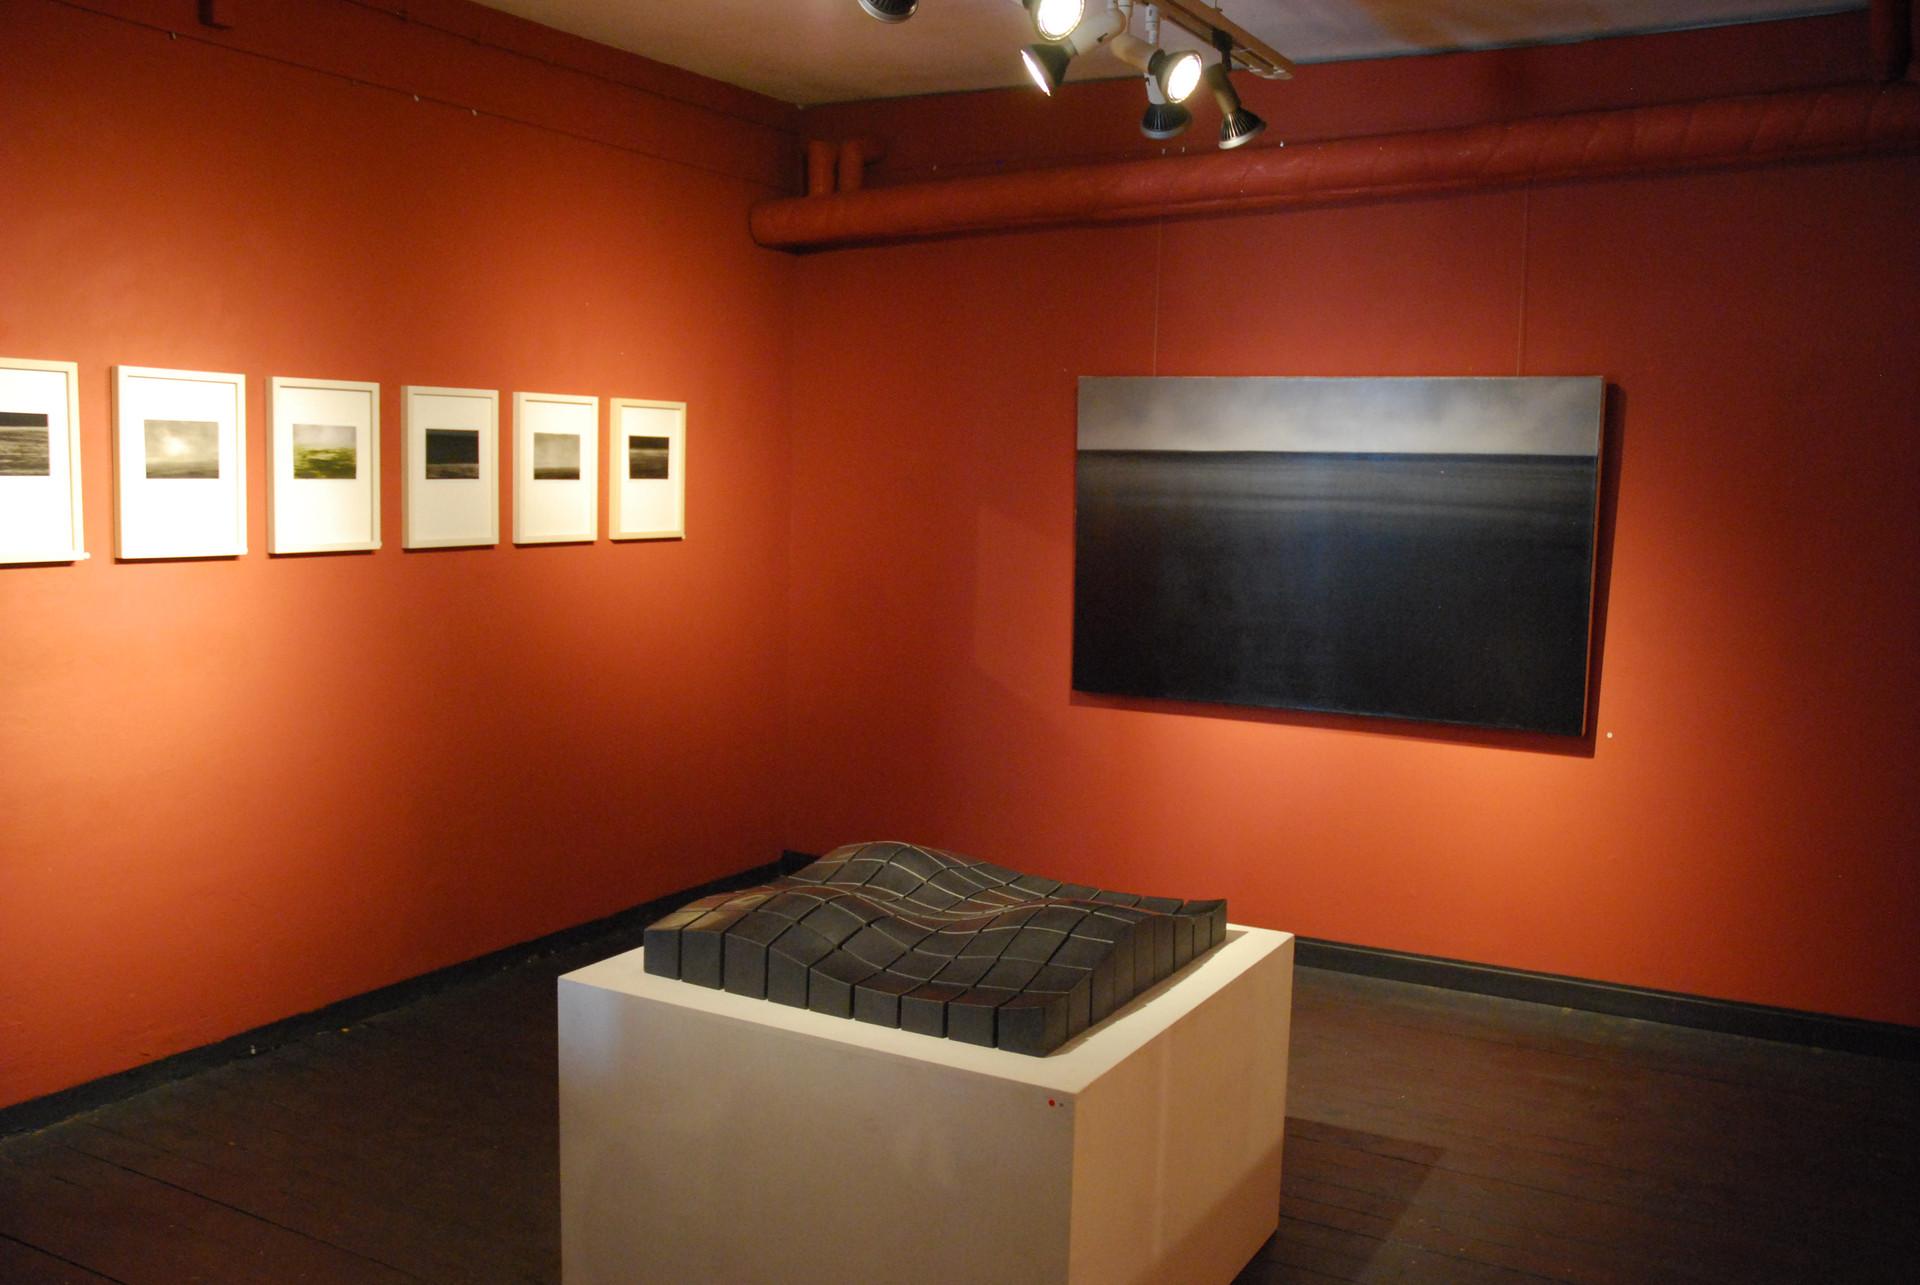 Kunstverein Artlantis, Bad Homburg